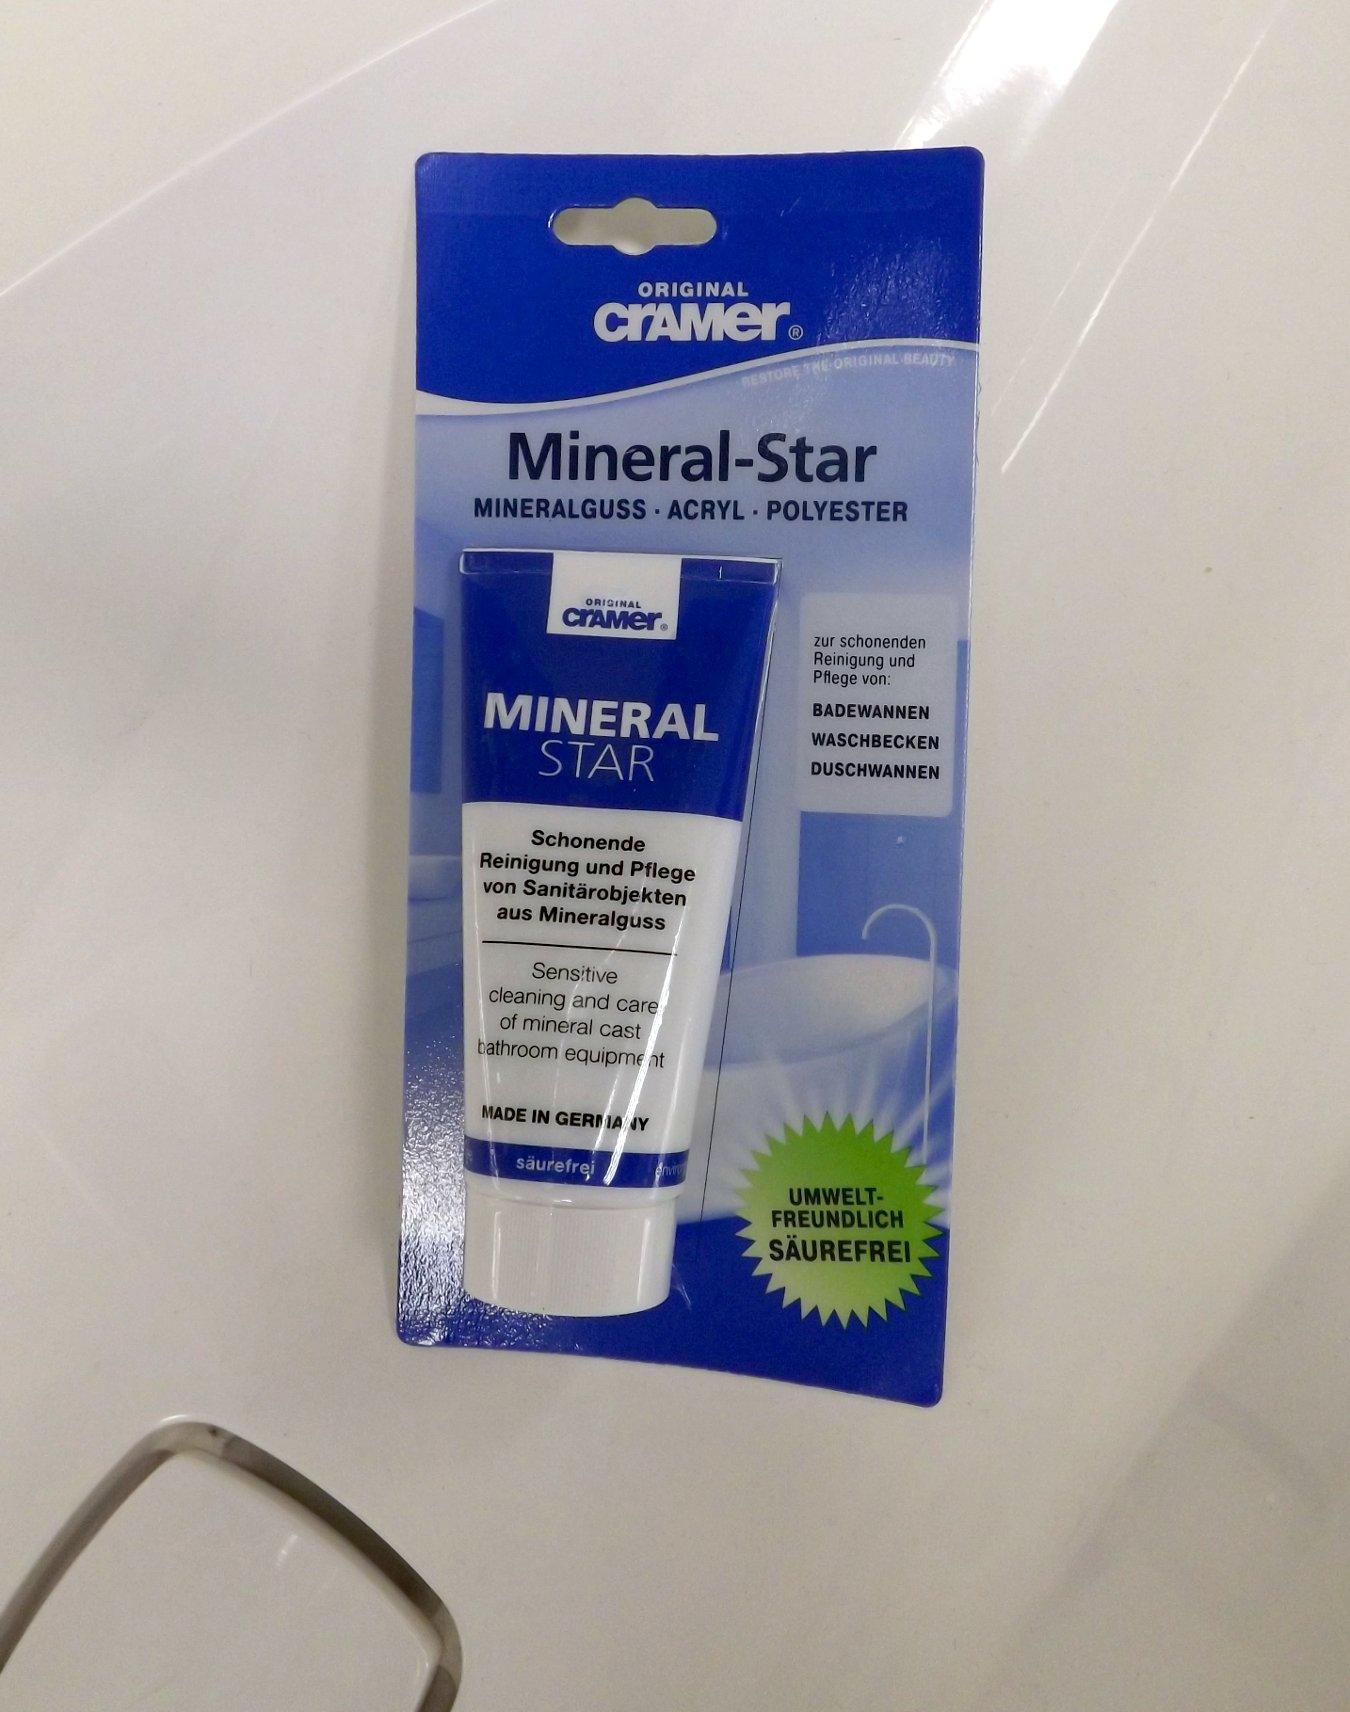 Чистящее средство Mineral-Star от Cramer для мягкого удаления известкового налета и мелких царапин, а также обесцвечивания пятен на поверхностях из минерального литья, а также акриловых и полиэфирных материалов